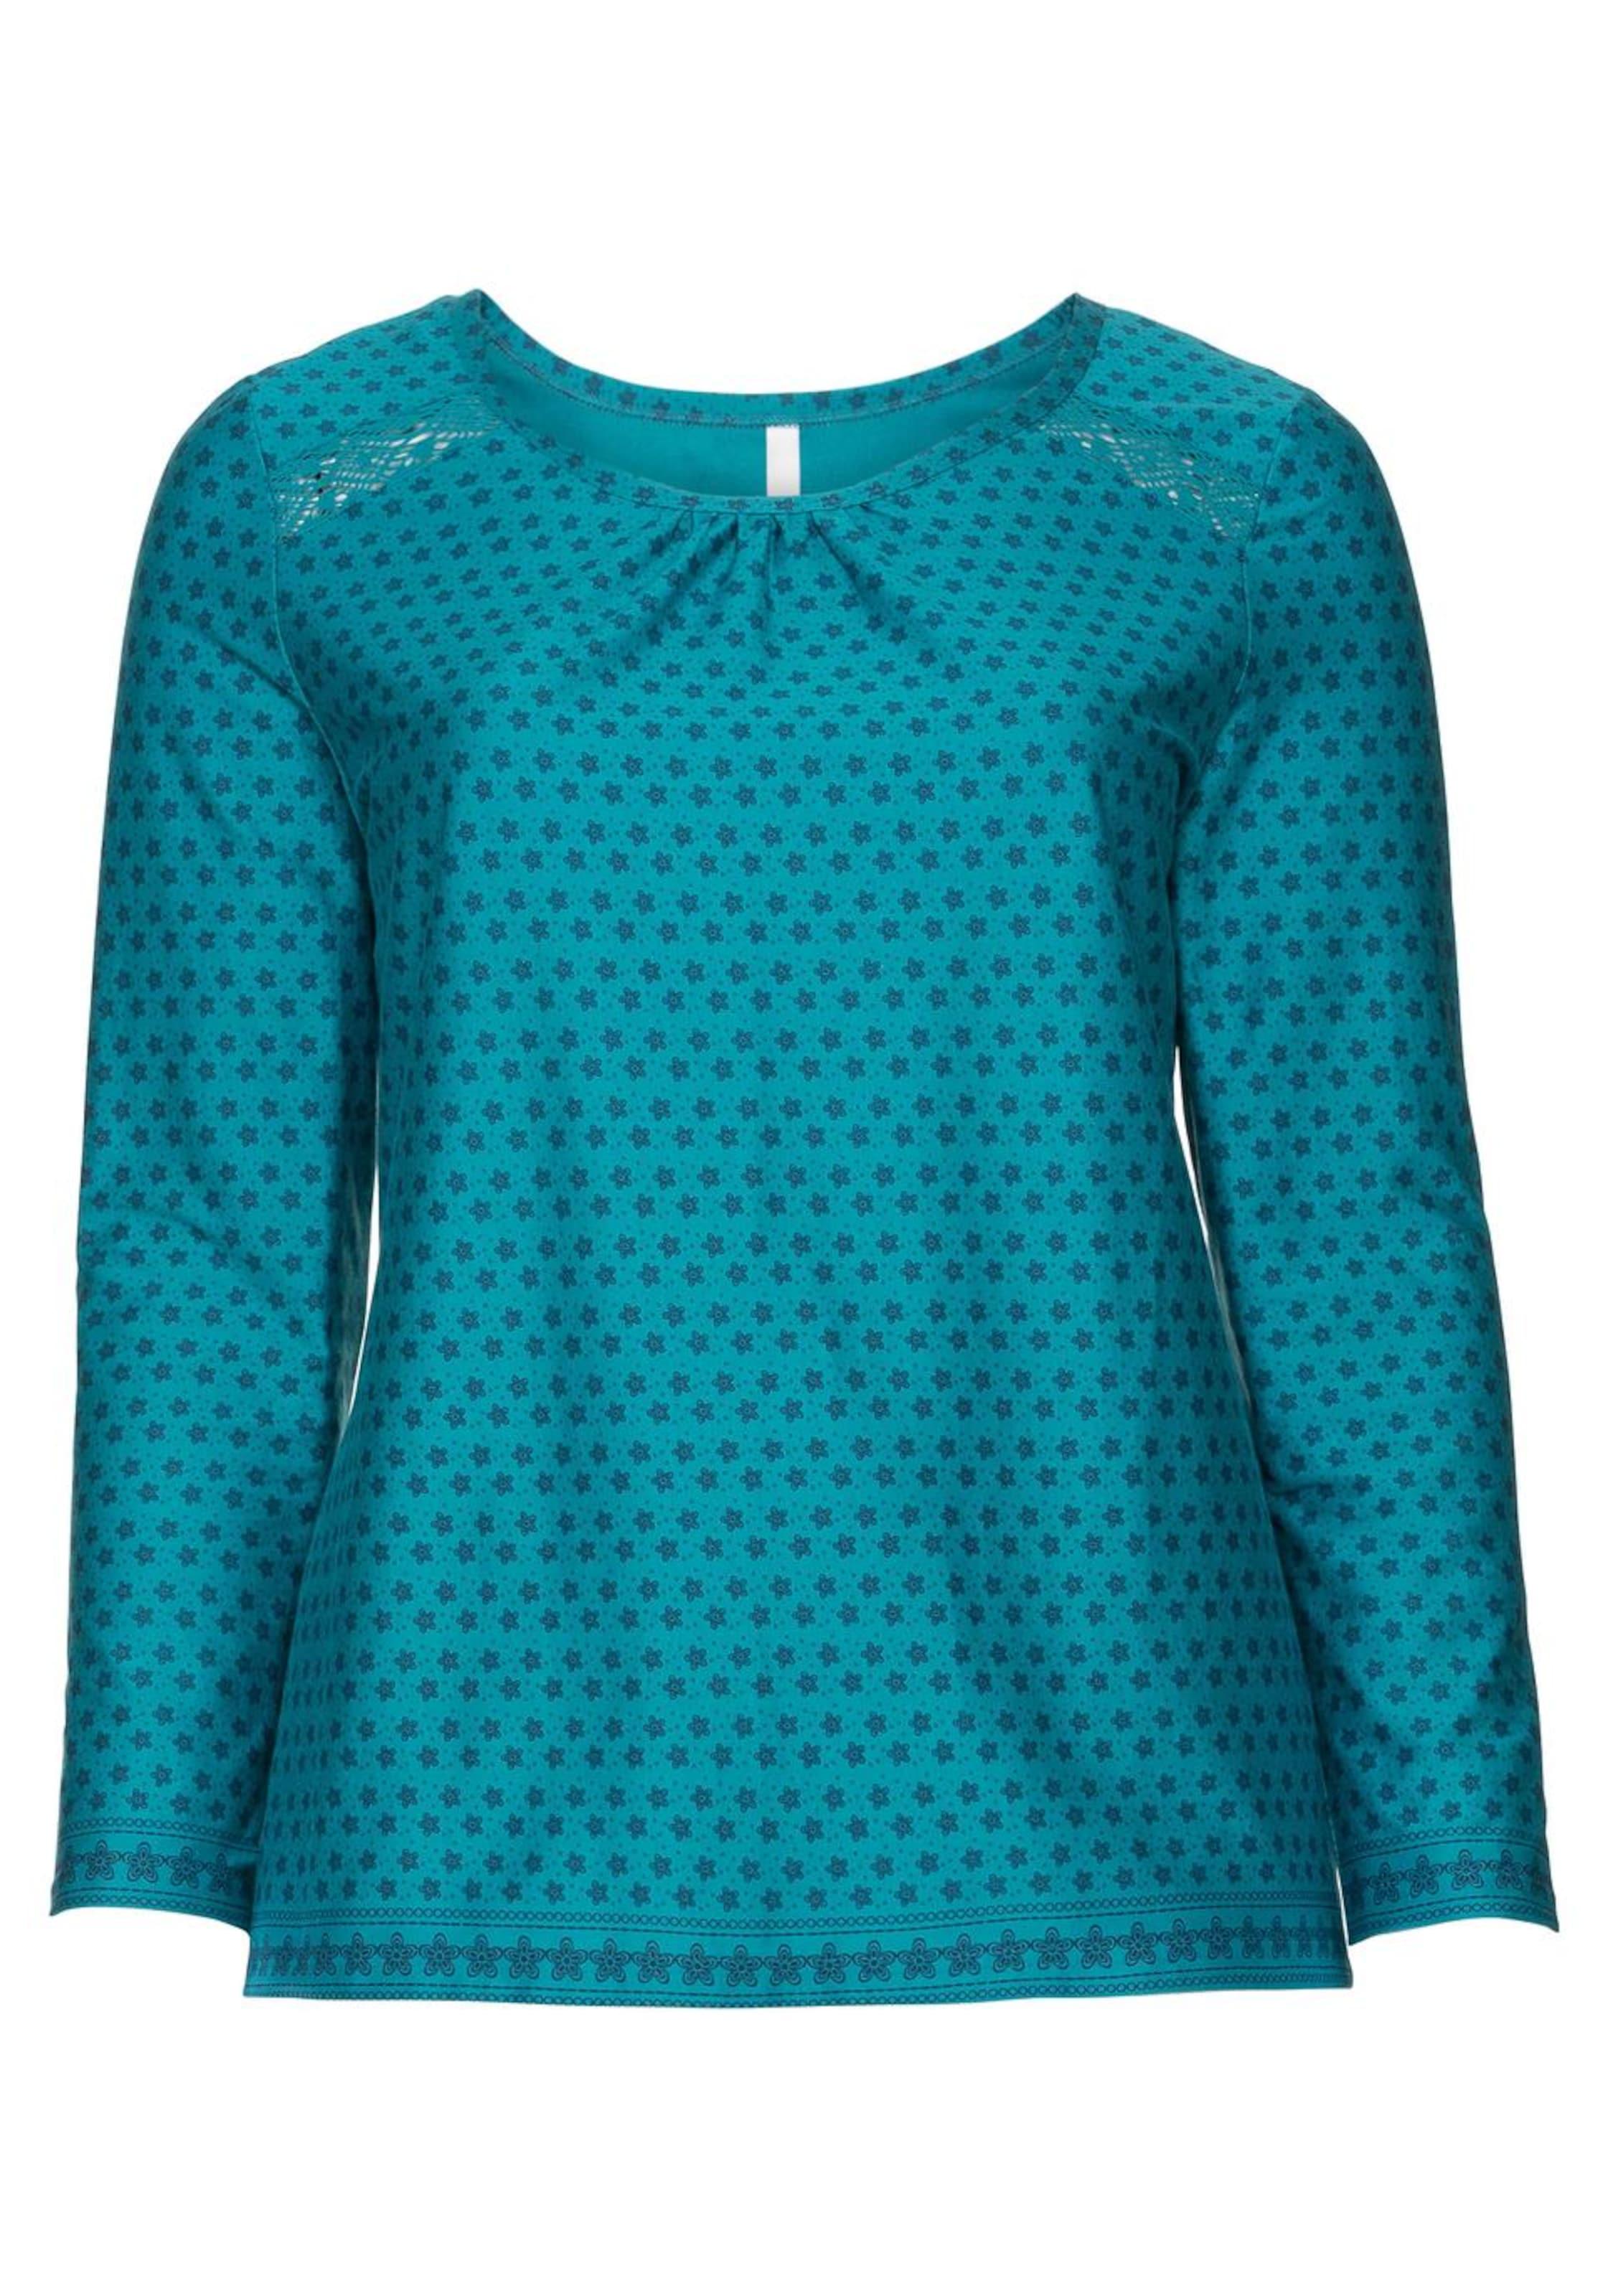 In Sheego Sheego Shirt Sheego MarineTürkis In MarineTürkis Shirt bf6gyY7